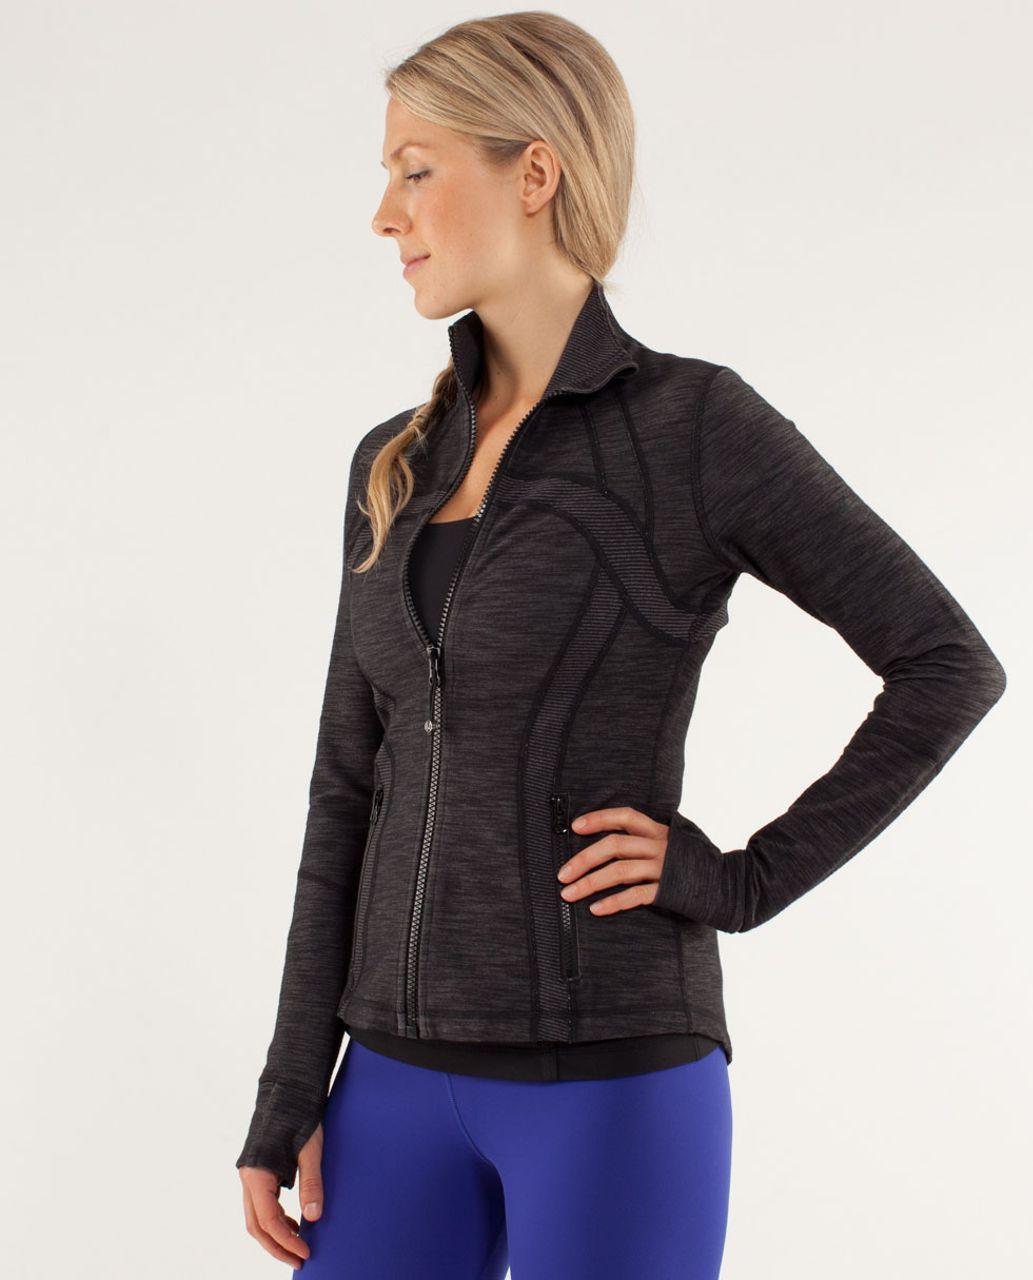 Lululemon Define Jacket *Denim - Black Slub Denim / Tonka Stripe Black / Heathered Black